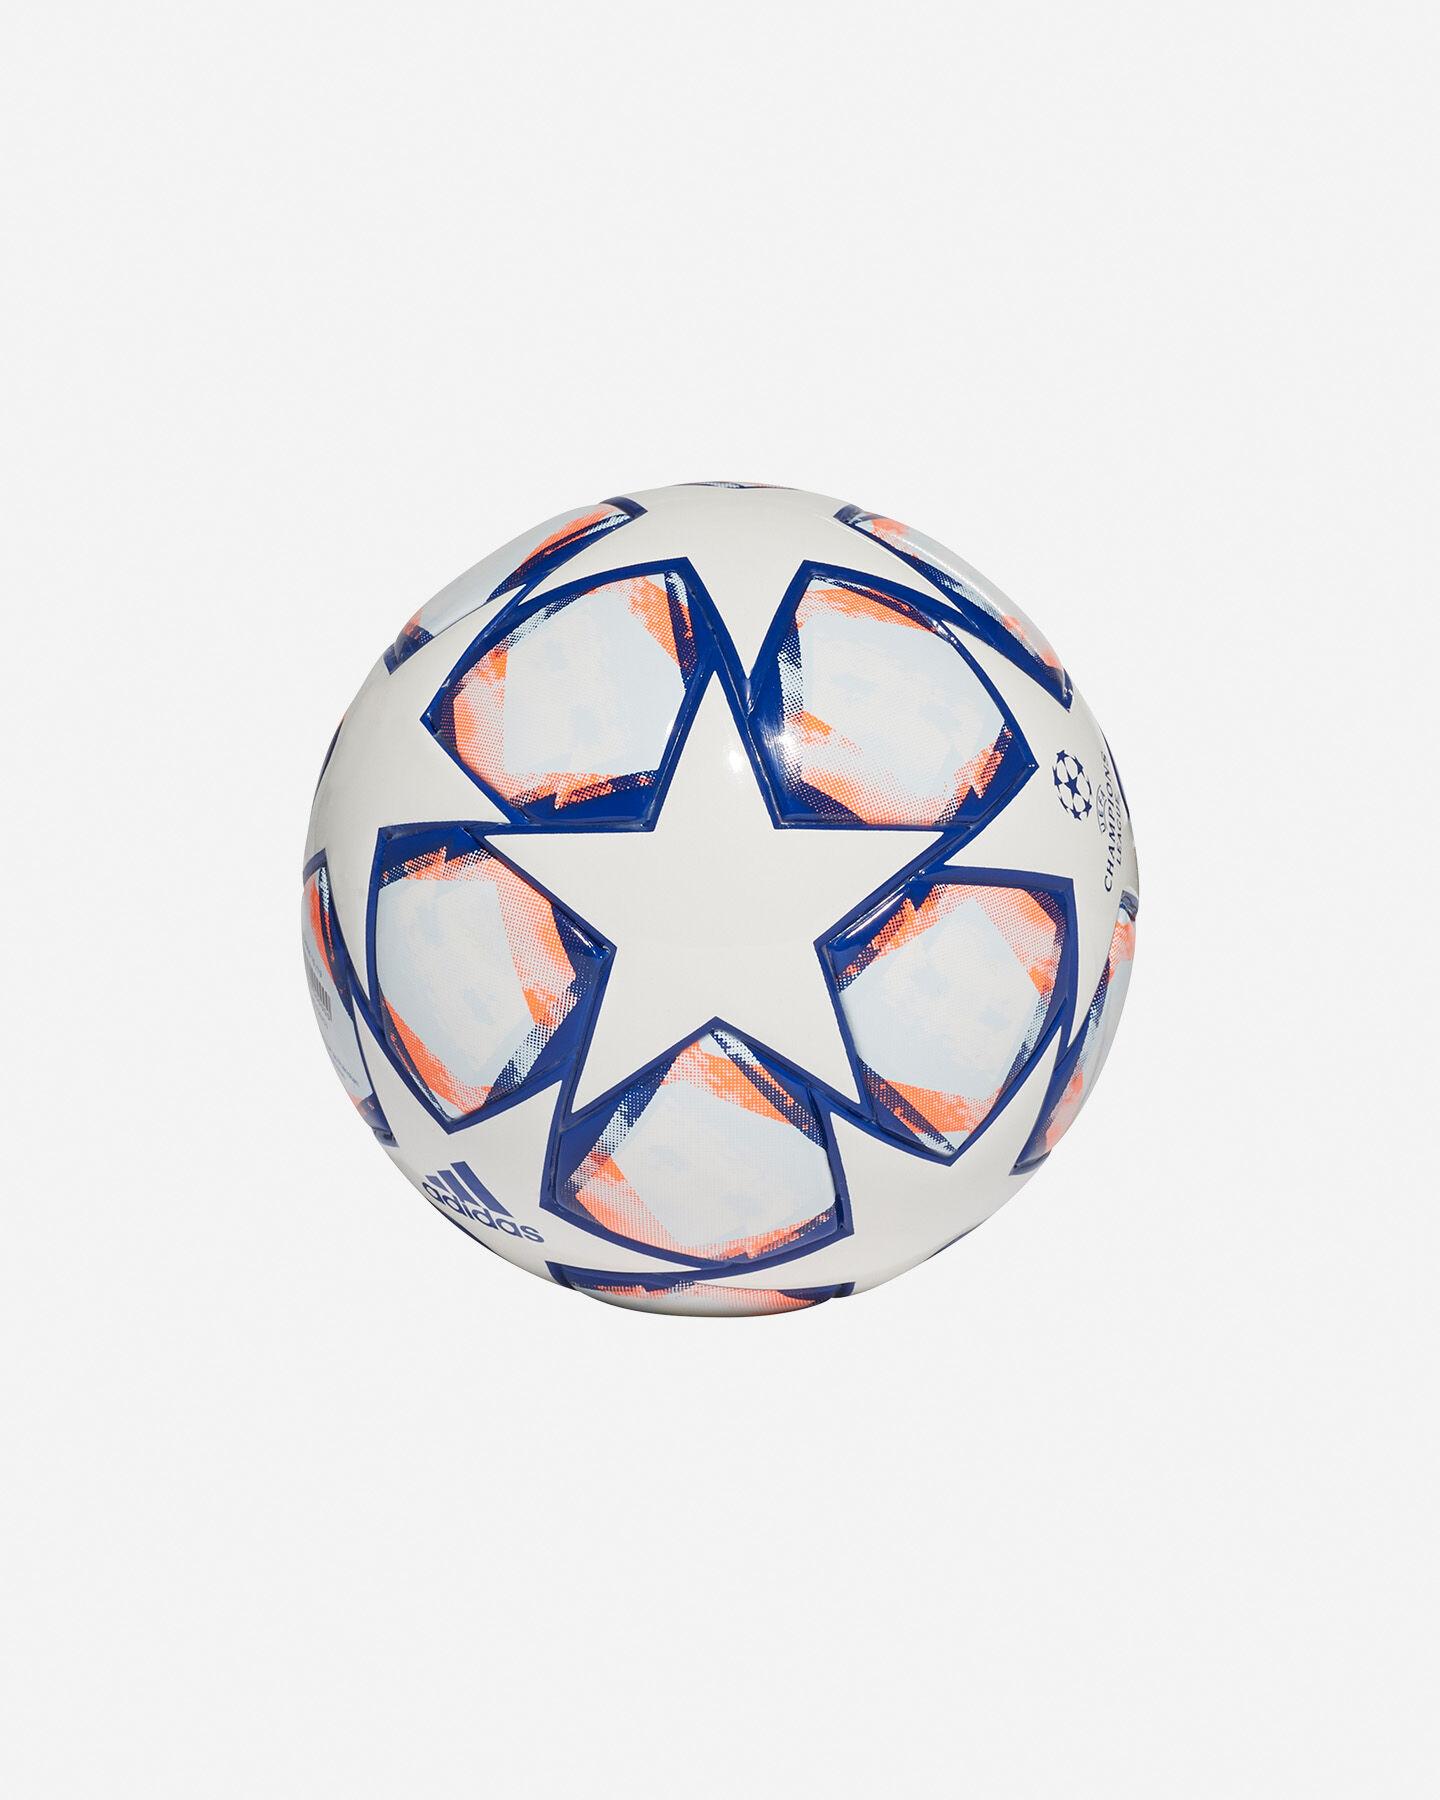 Pallone calcio ADIDAS FINALE 20 S5217705|UNI|1 scatto 1